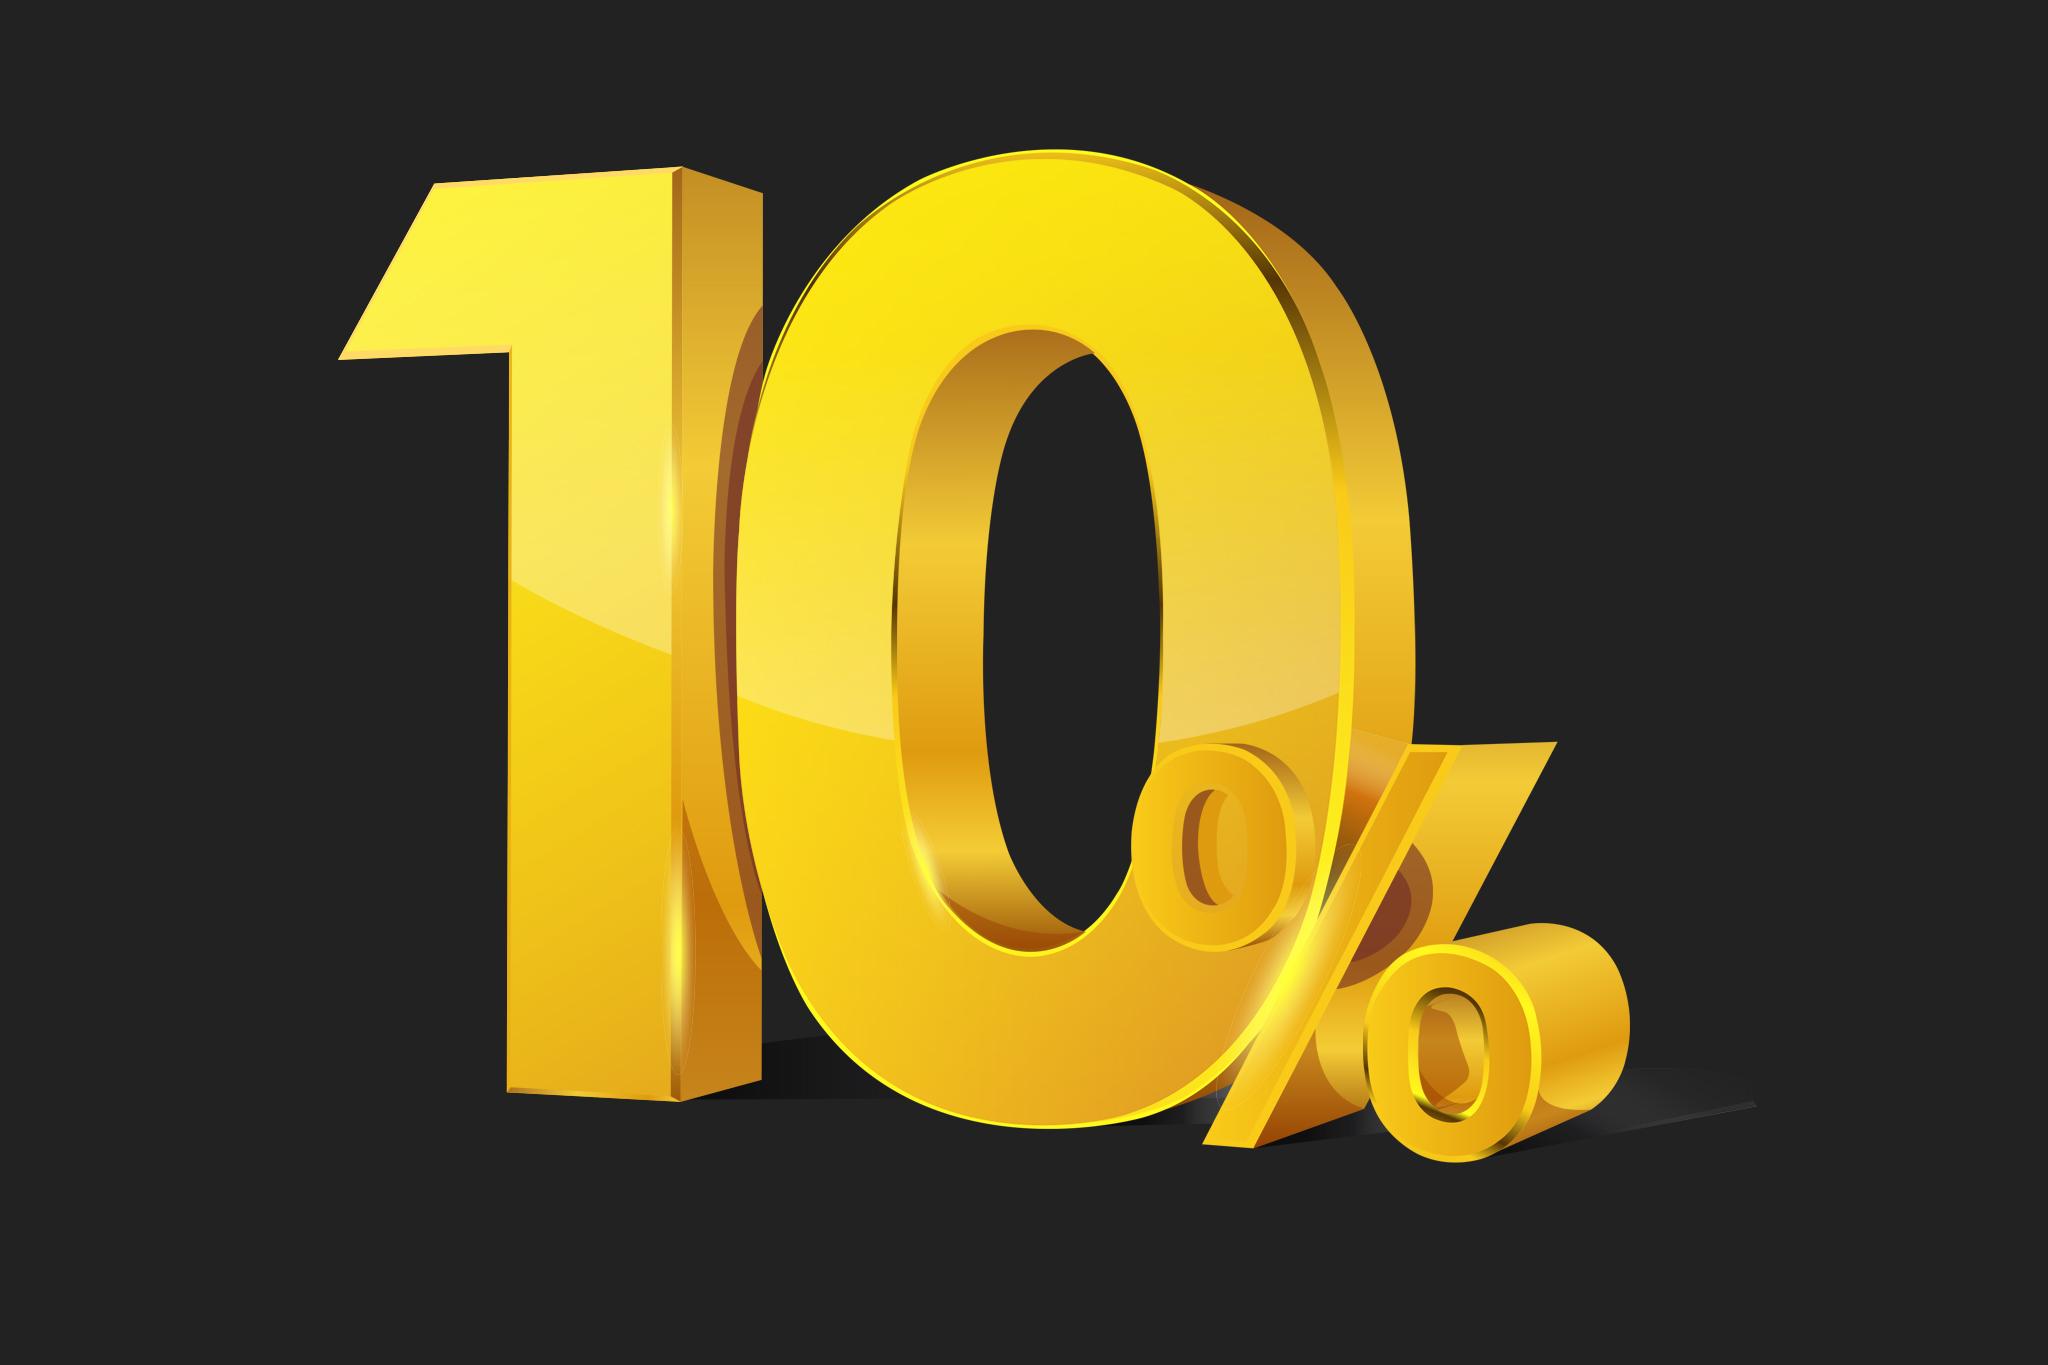 تحميل ملف PSD بصيغة EPS فيكتور تخفيضات من 0 الى 100%